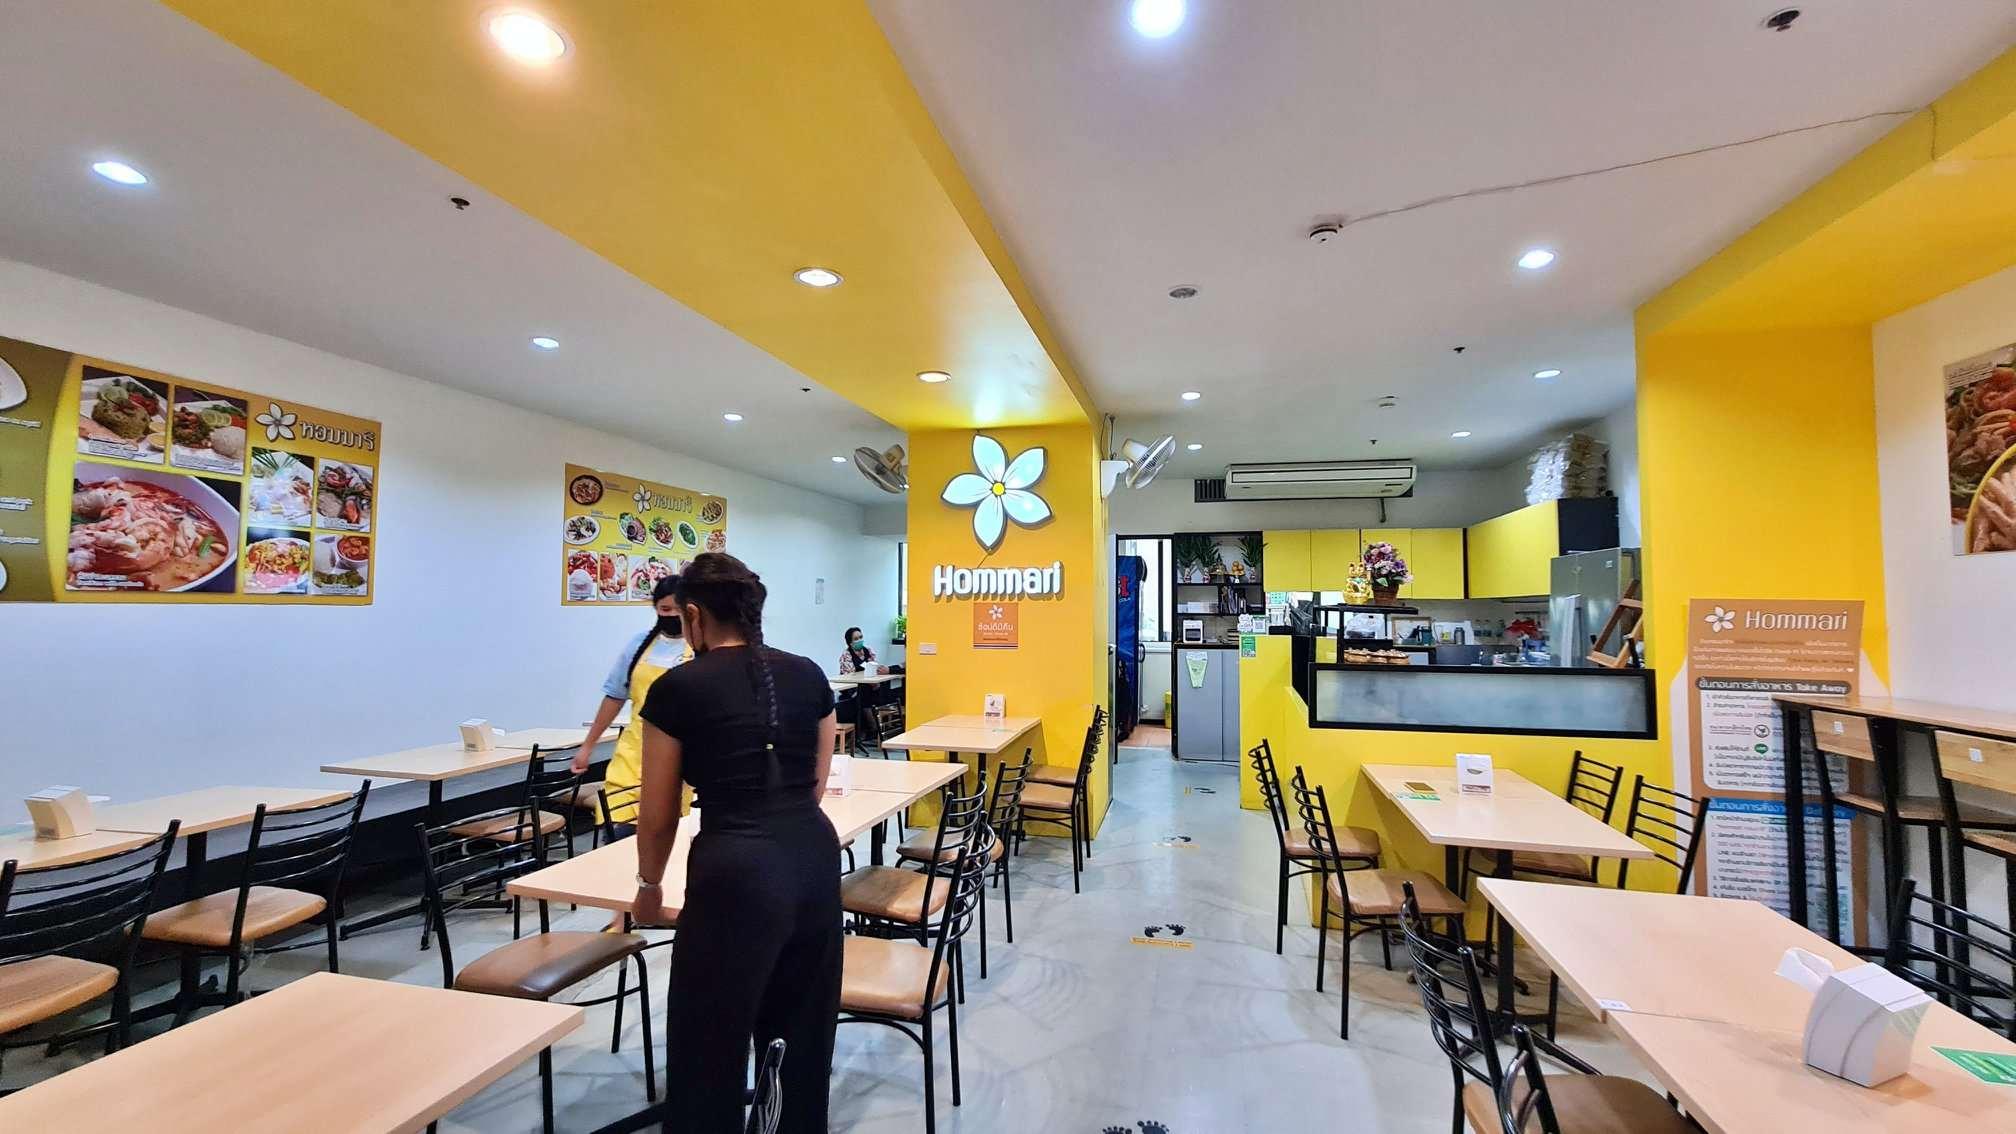 เซ้ง‼️ ร้านอาหารไทย บนชั้นPlaza อาคารเมืองไทยภัทรคอมเพล็กซ์  @ห้วยขวาง กทม